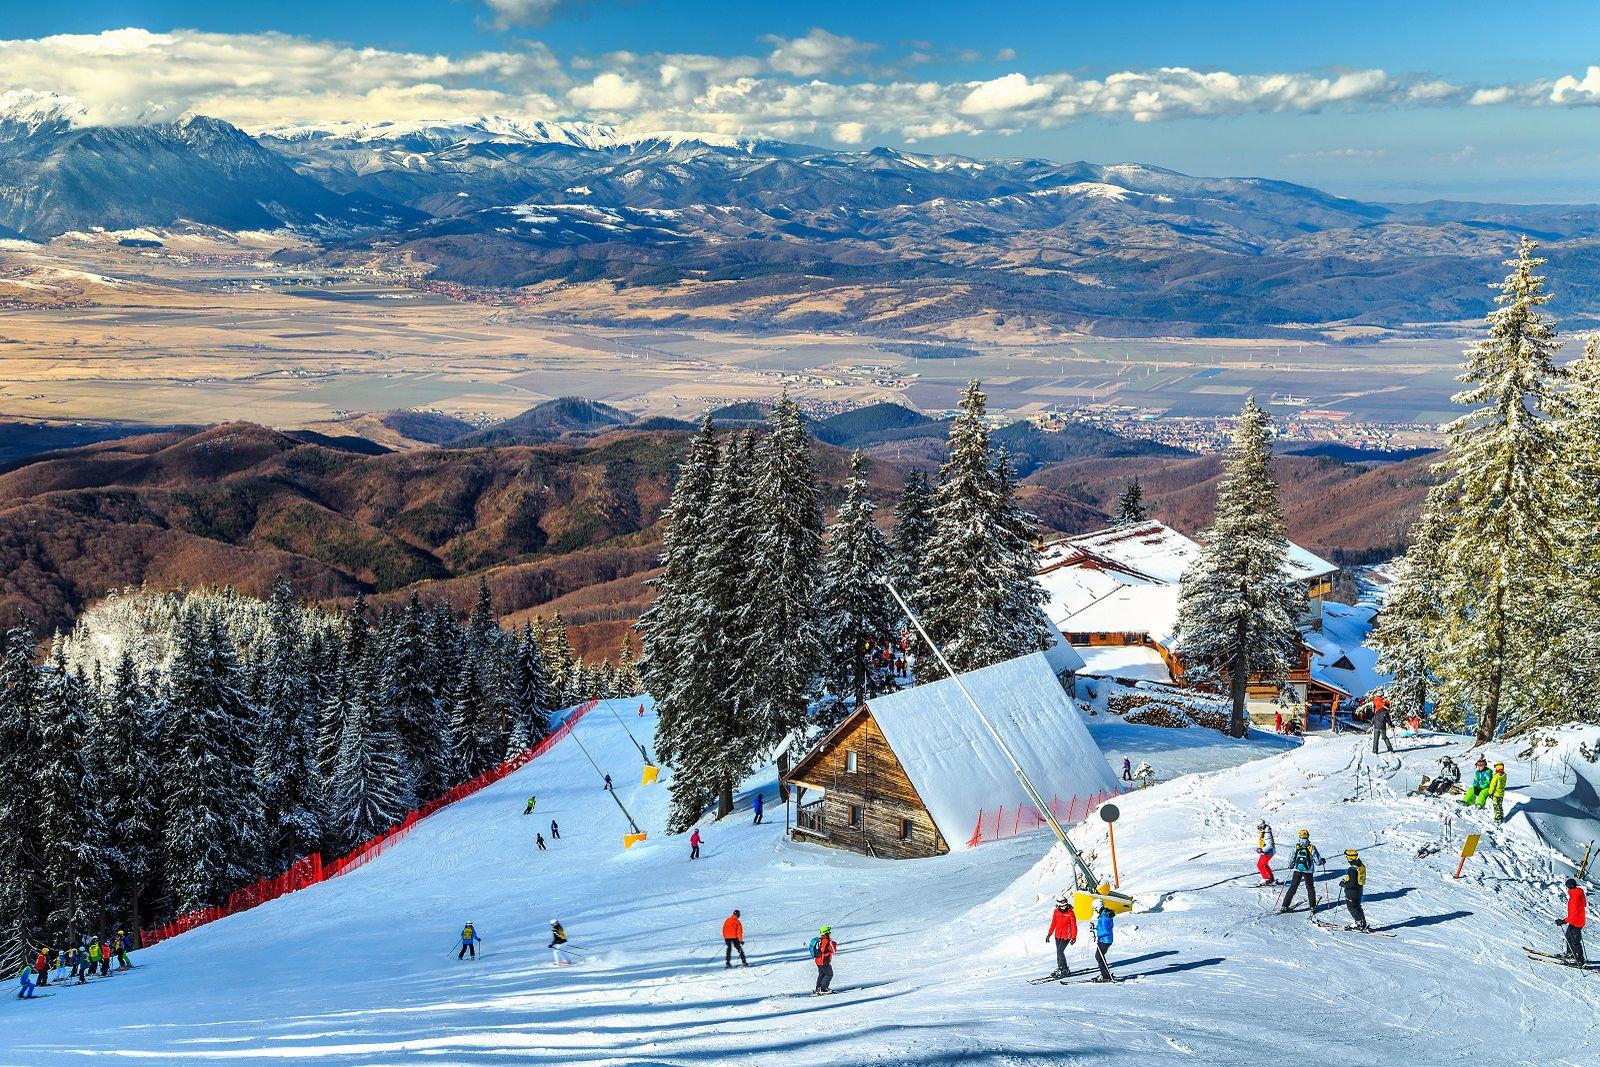 Общая протяжённость горнолыжных трасс составляет 14 км